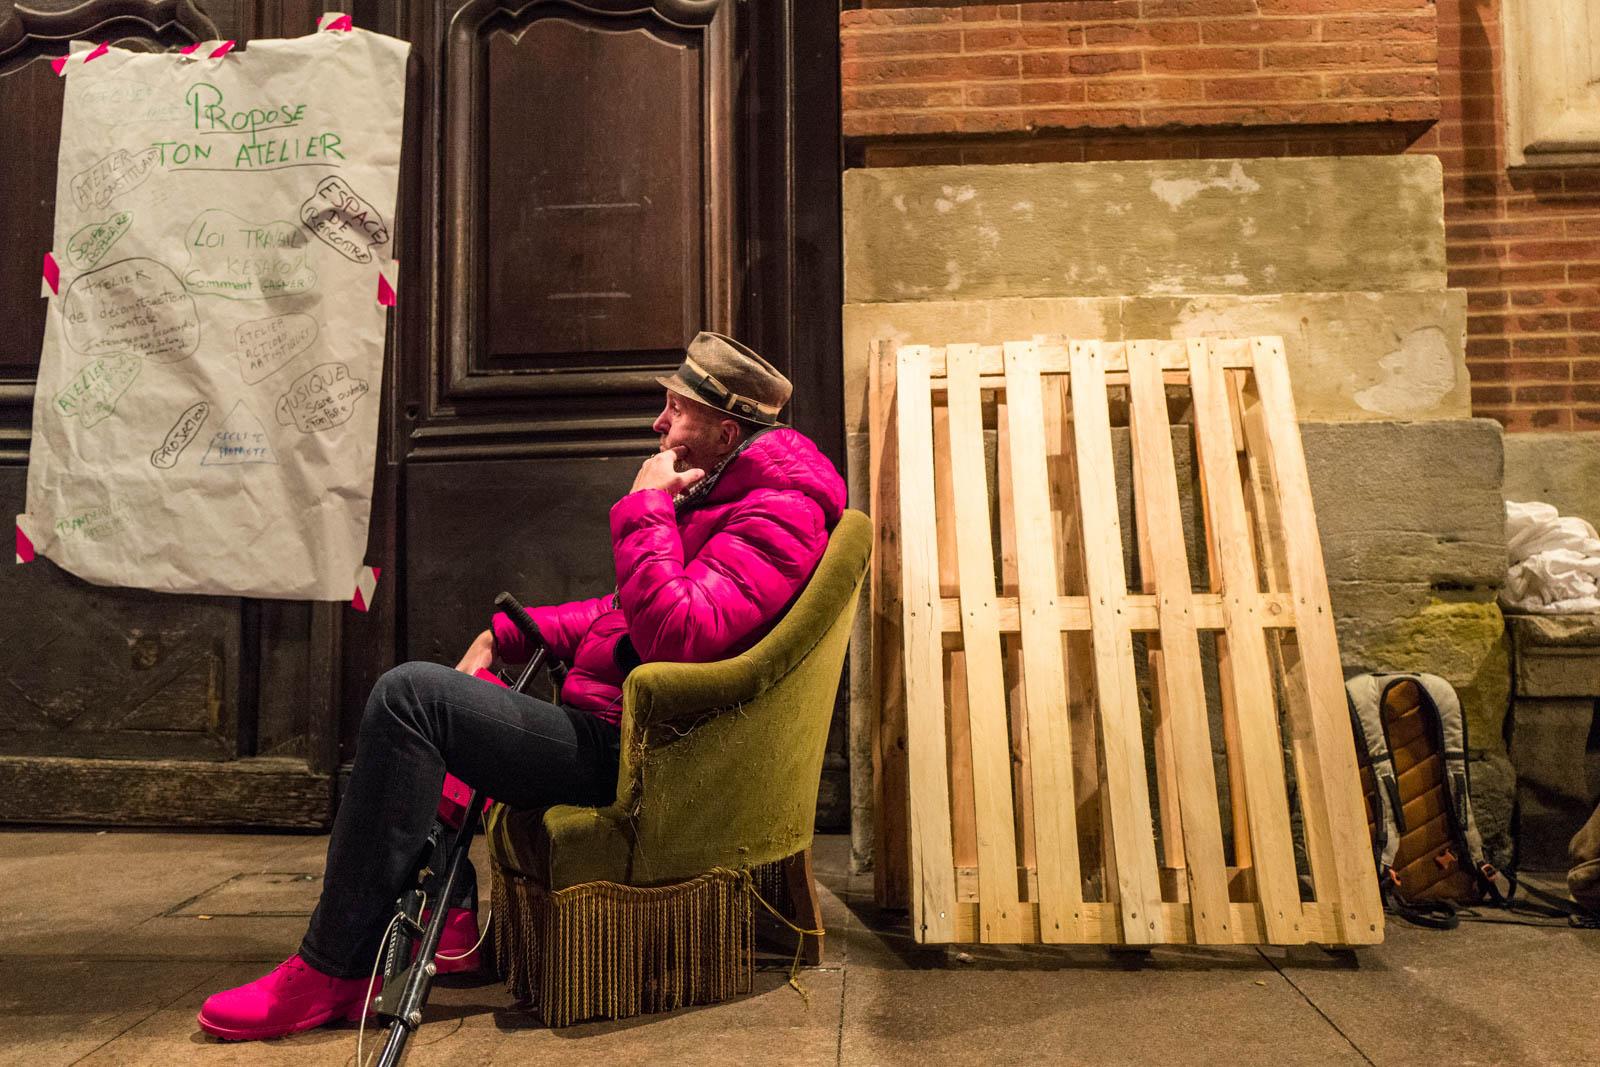 Un homme cogite seul sur son fauteuil lors du rassemblement NUIT DEBOUT sur la place du Capitole. Depuis le 31 mars des personnes se sont installées sur différentes grandes places dans des villes de l'hexagone.  Ces rassemblements pacifiques, appellés NUIT DEBOUT sont ouverts et populaires, ils visent à réinvestir l'espace public pour échanger, débattre et construire, la Place du Capitole est occupée depuis le 5 avril. 6/04/2016, Toulouse-France.